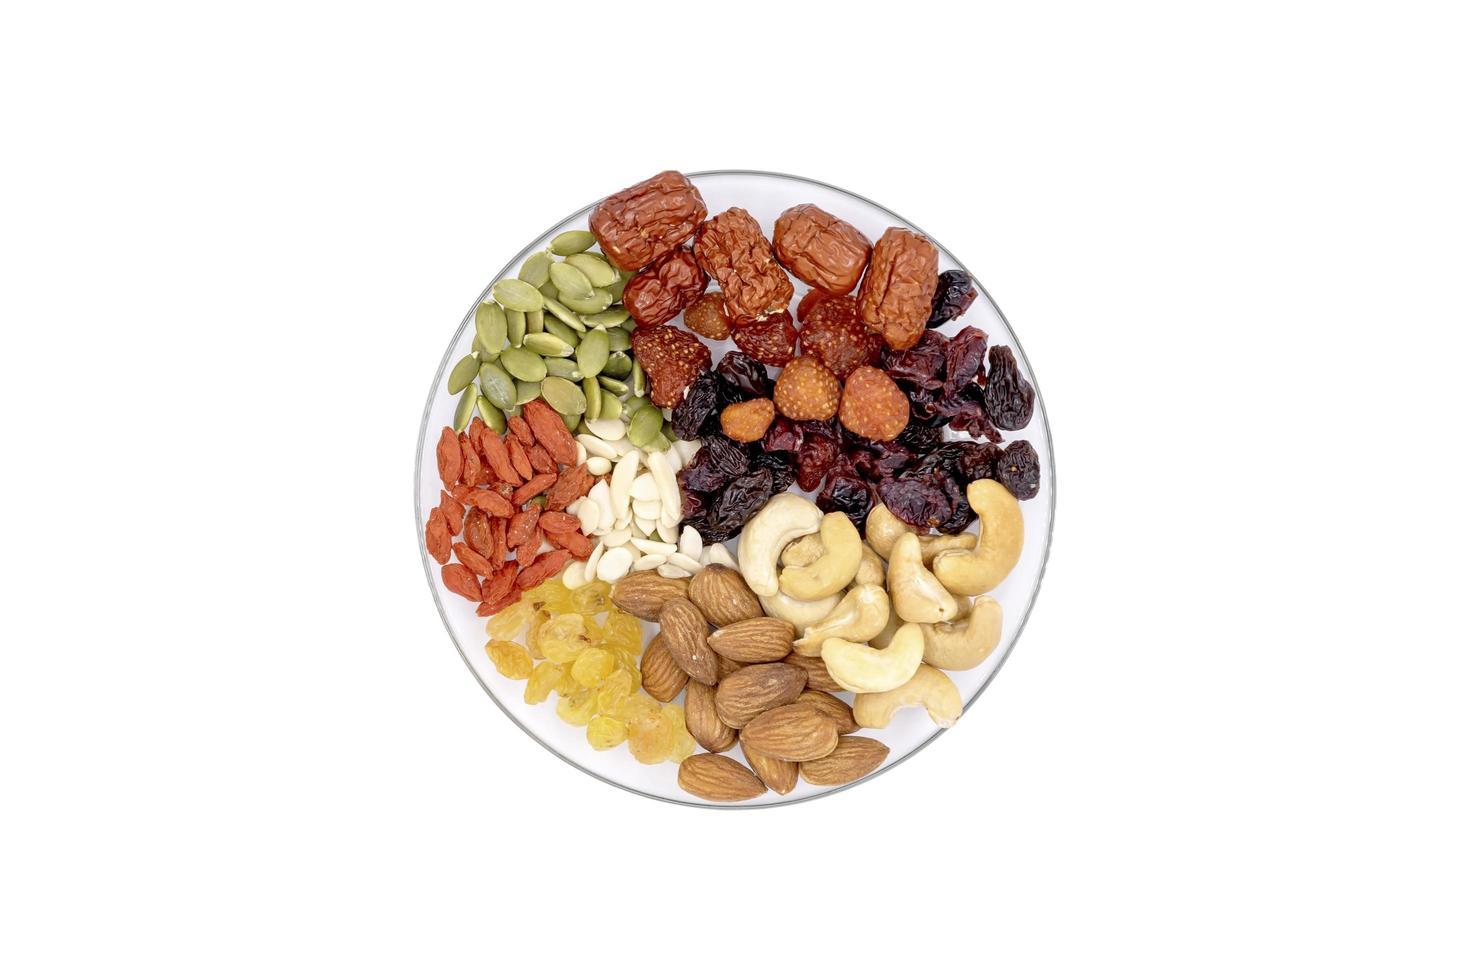 vue de dessus groupe de grains entiers et de fruits secs dans une plaque de verre. photo